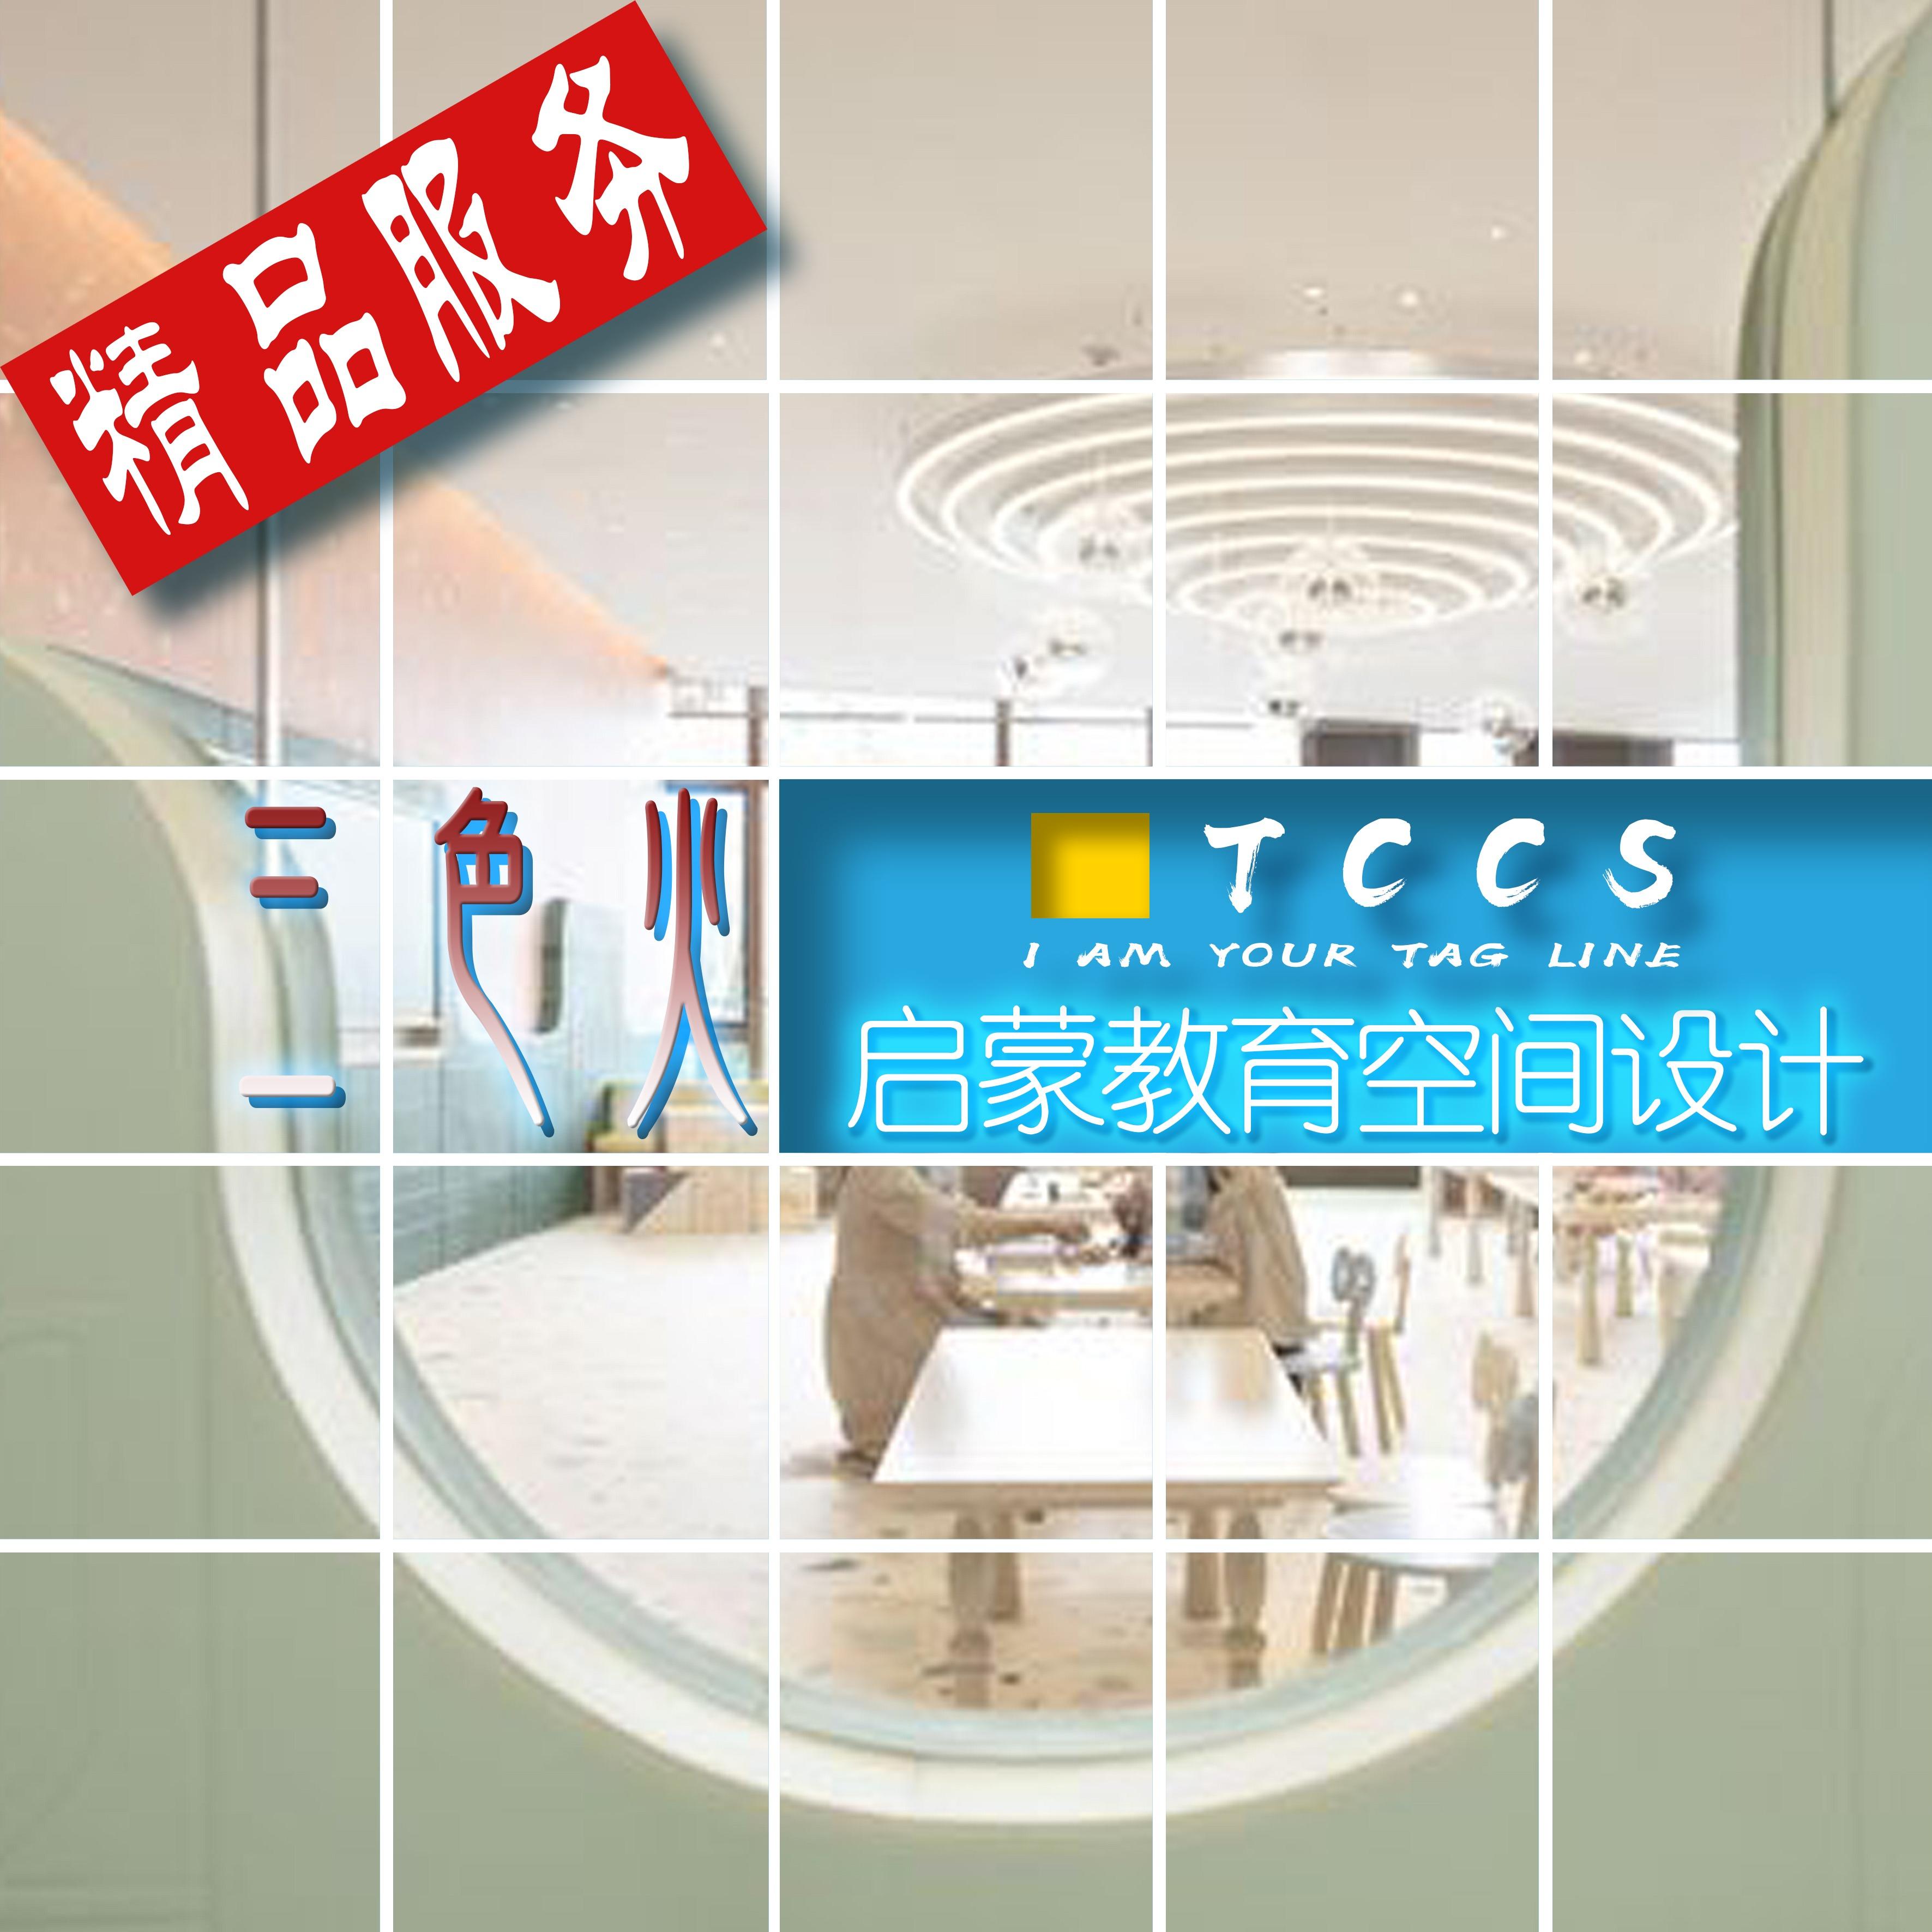 儿童启蒙教育空间设计公装设计室内设计装修设计空间设计公装服务